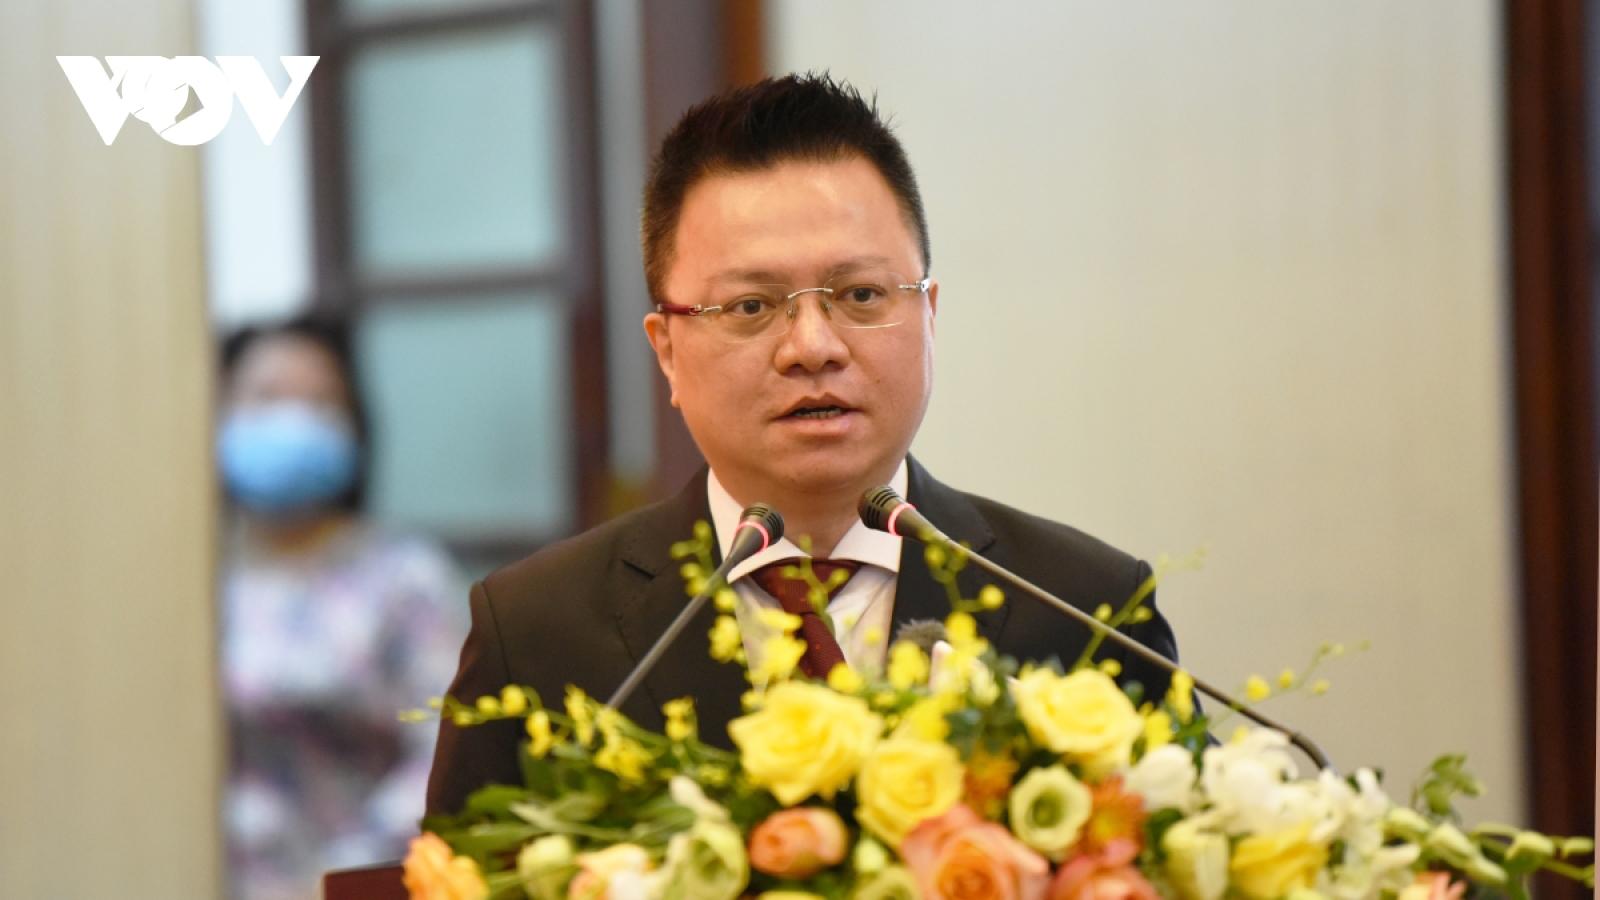 Ông Lê Quốc Minh được bổ nhiệm làm Tổng Biên tập báo Nhân Dân